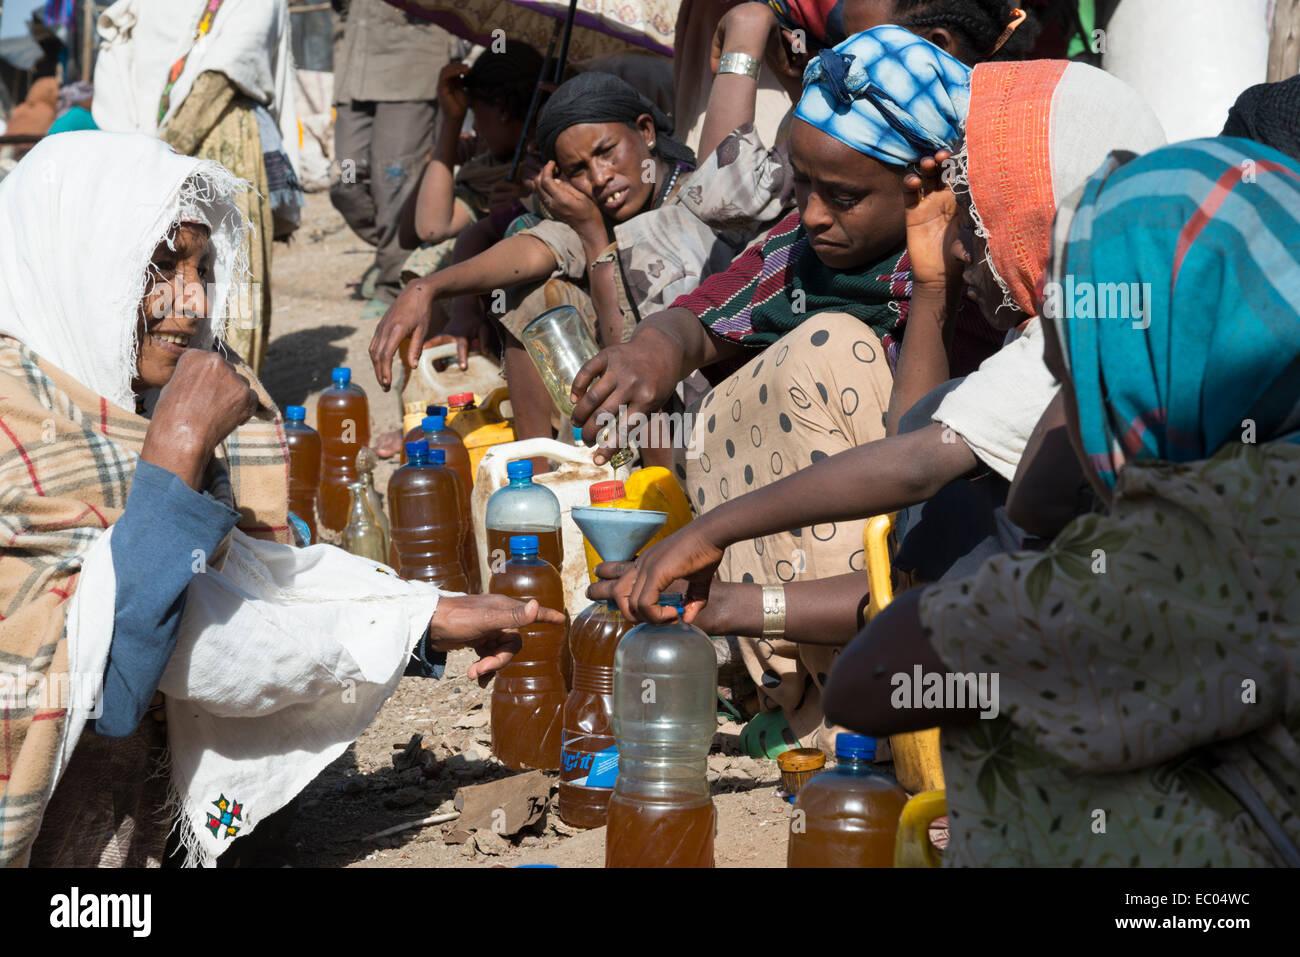 Lalibela weekly market. Northern Ethiopia. - Stock Image